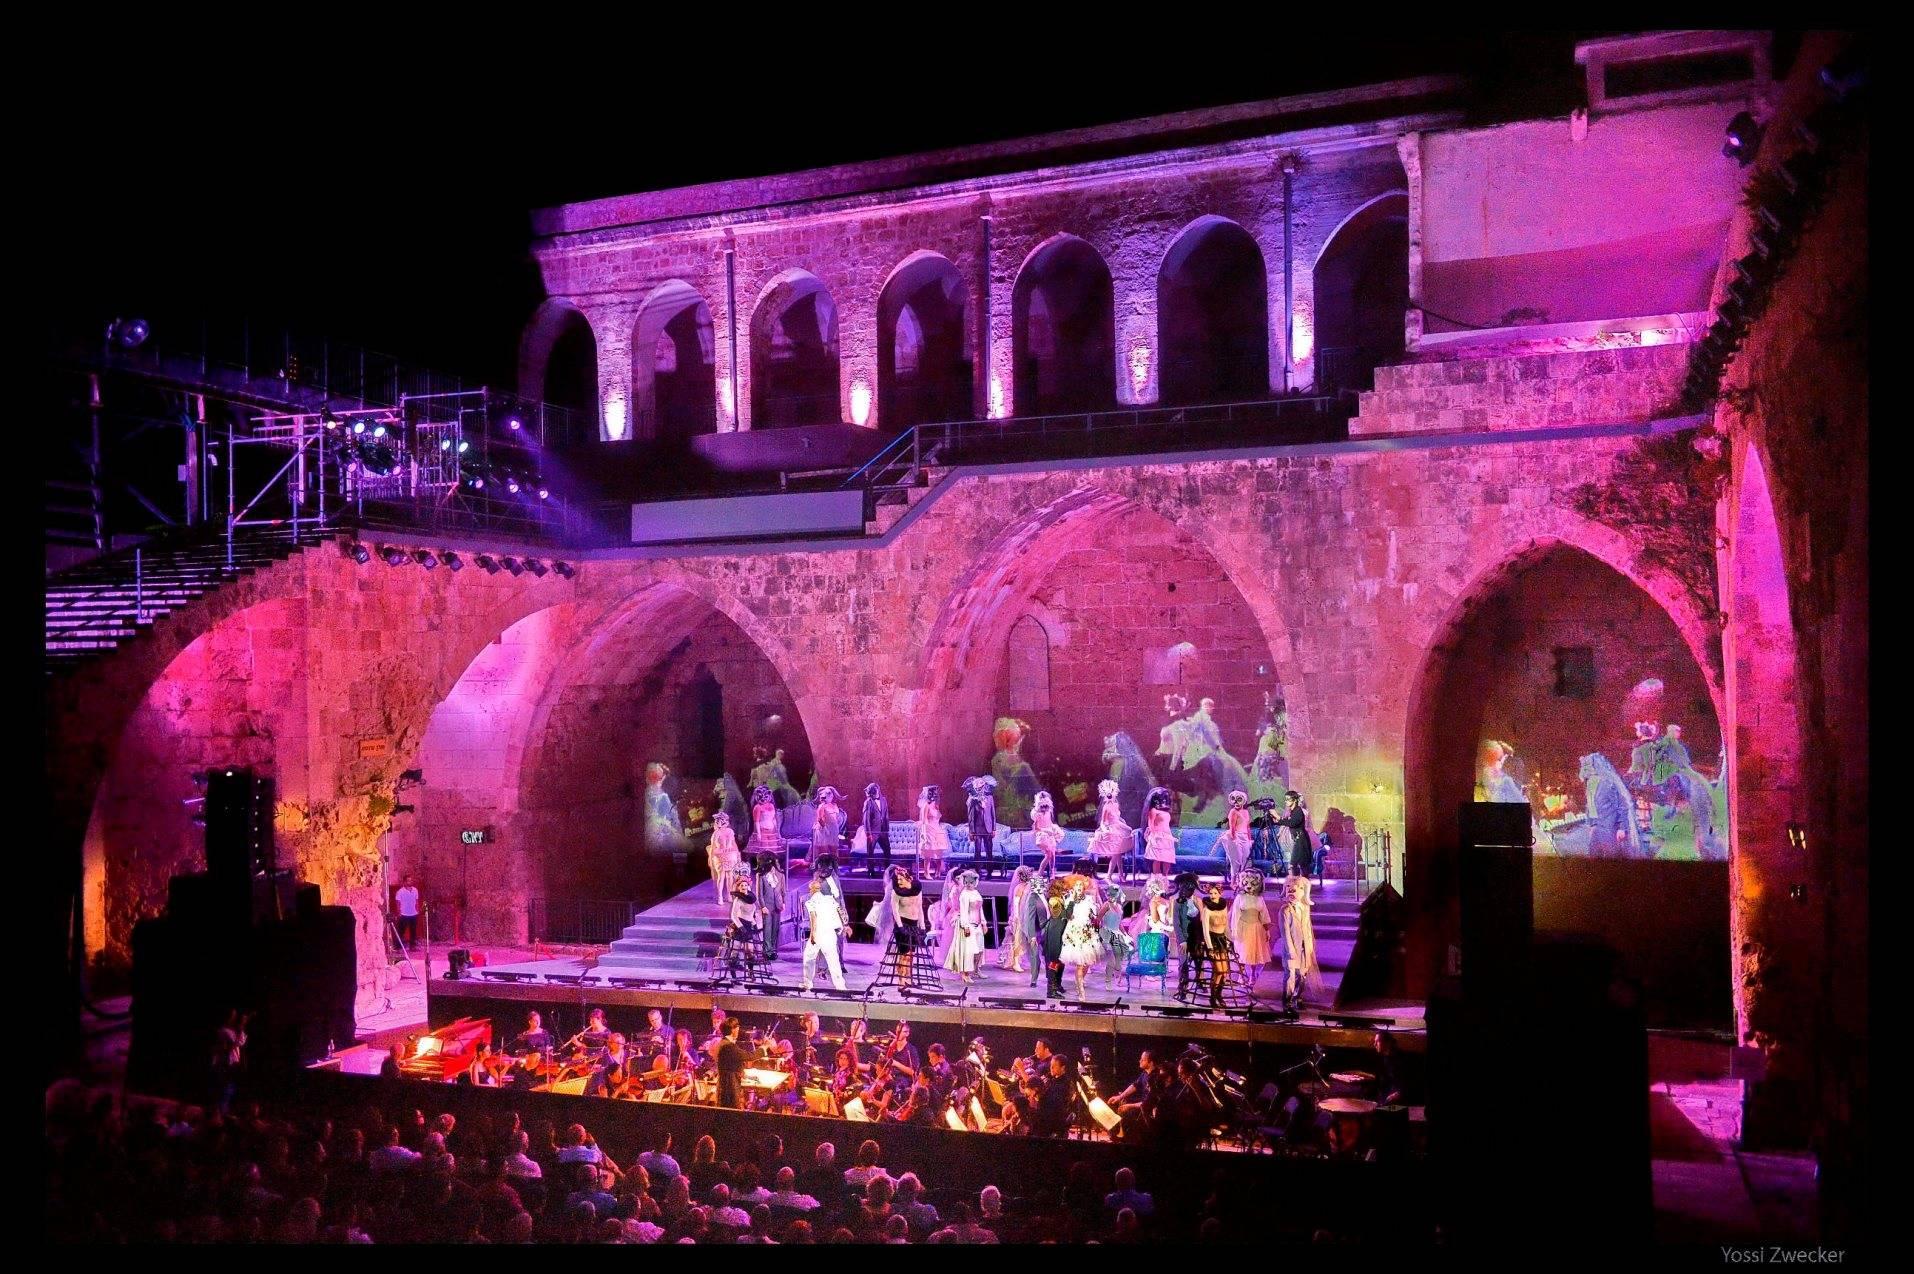 В Старом Акко состоится традиционный оперный фестиваль